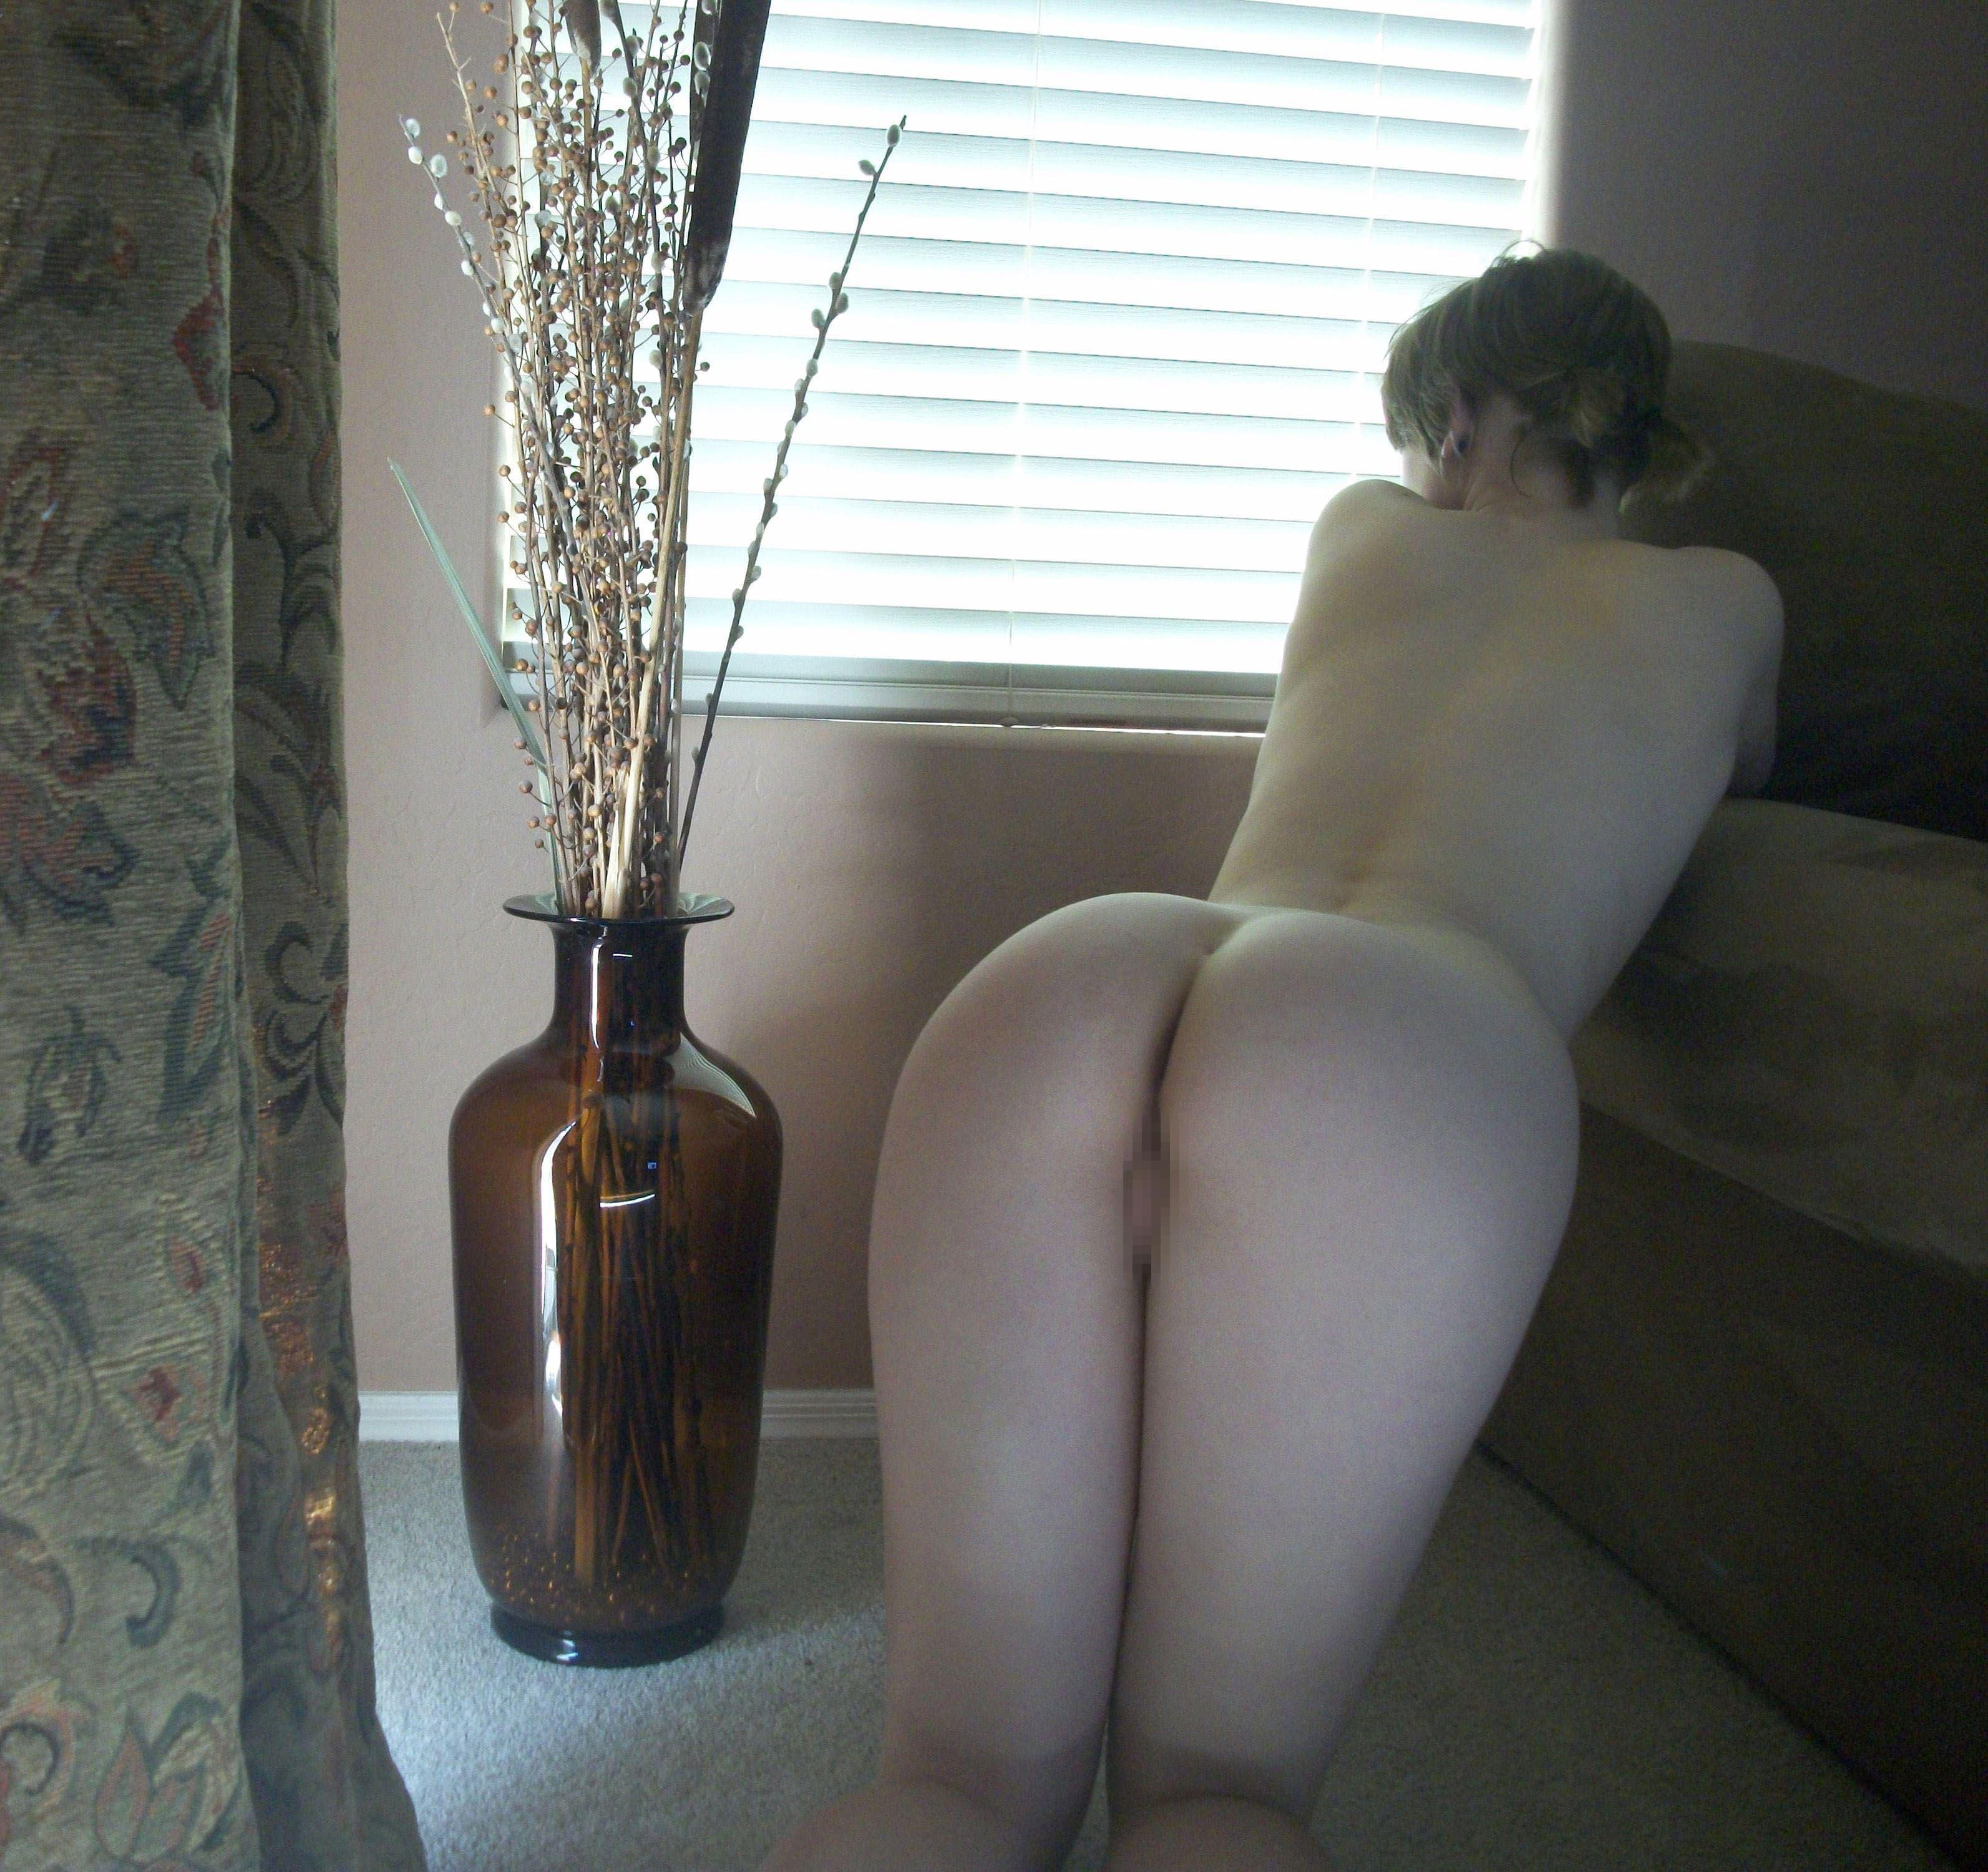 【外人】親に隠れて自宅でこっそりフルヌード自画撮りしてるポルノ画像 4229